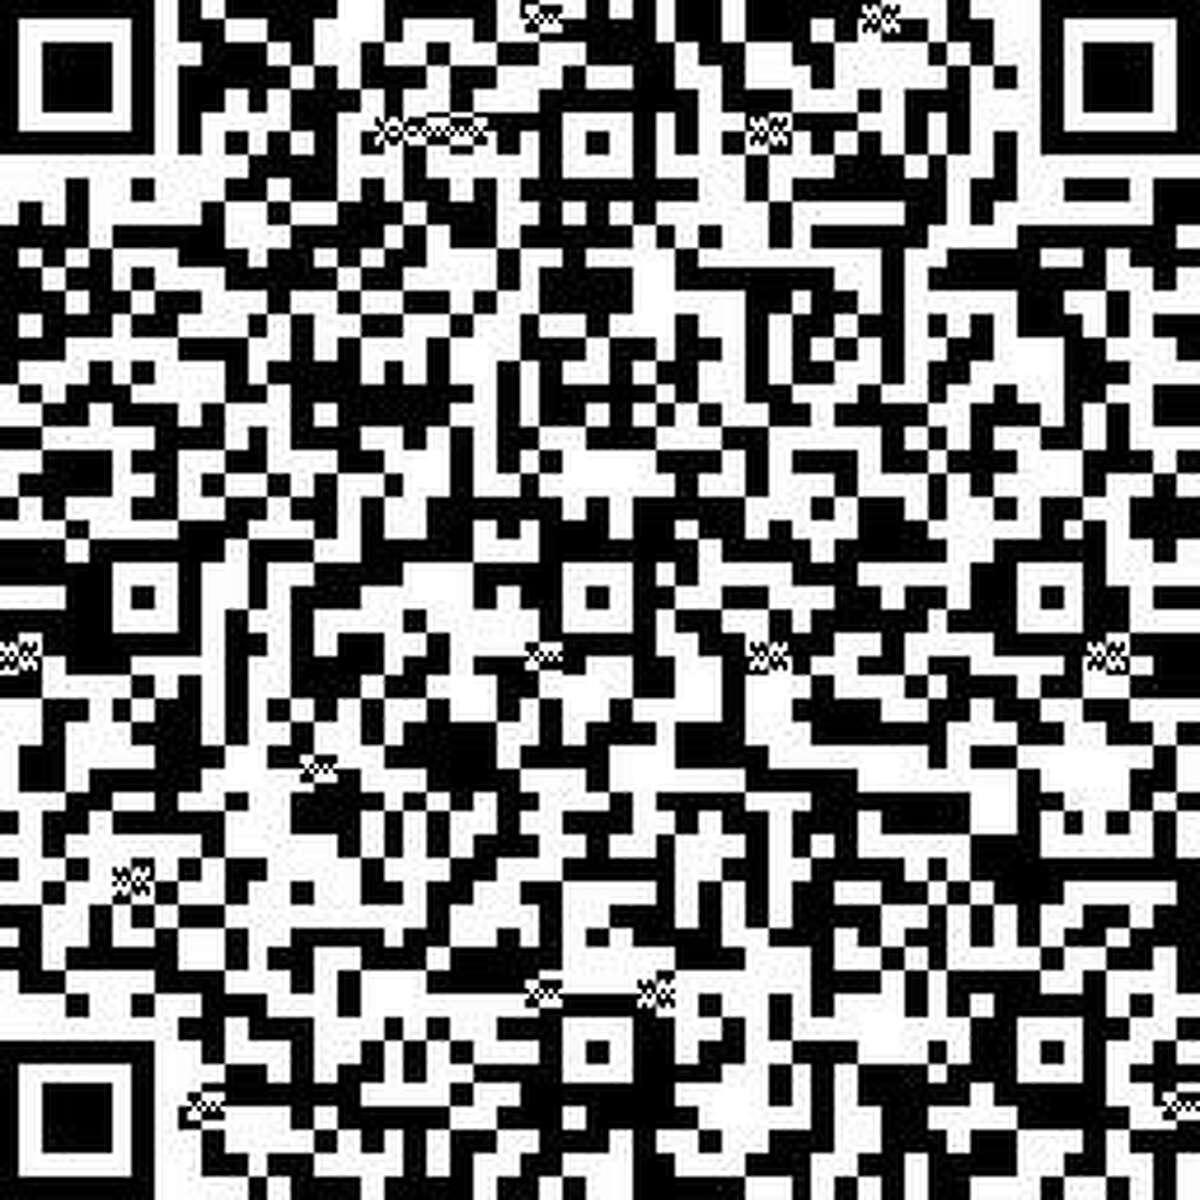 Tome la encuesta en Español (utilice la cámera de su telefono y escanee el código de QR).